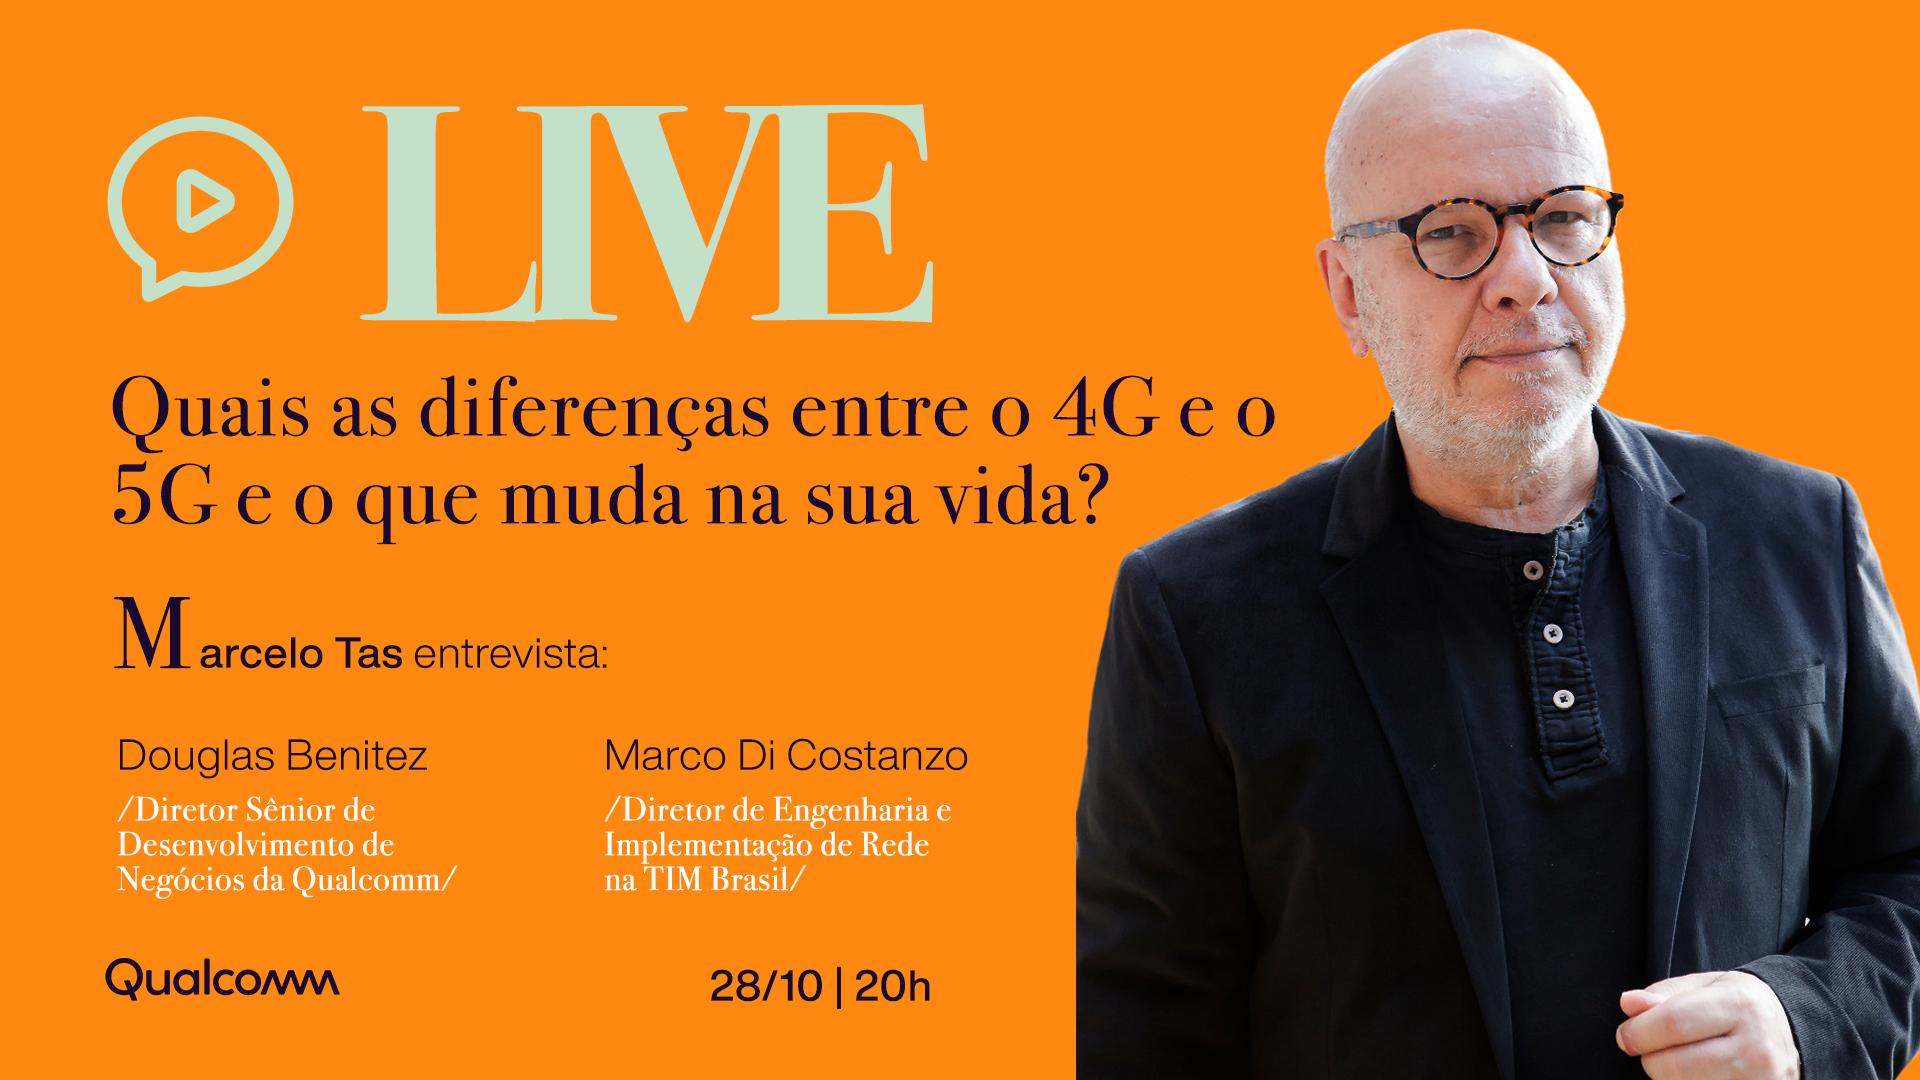 Quais as diferenças entre o 4G e o 5G  e o que muda na sua vida? | LIVE 4 5G | Qualcomm